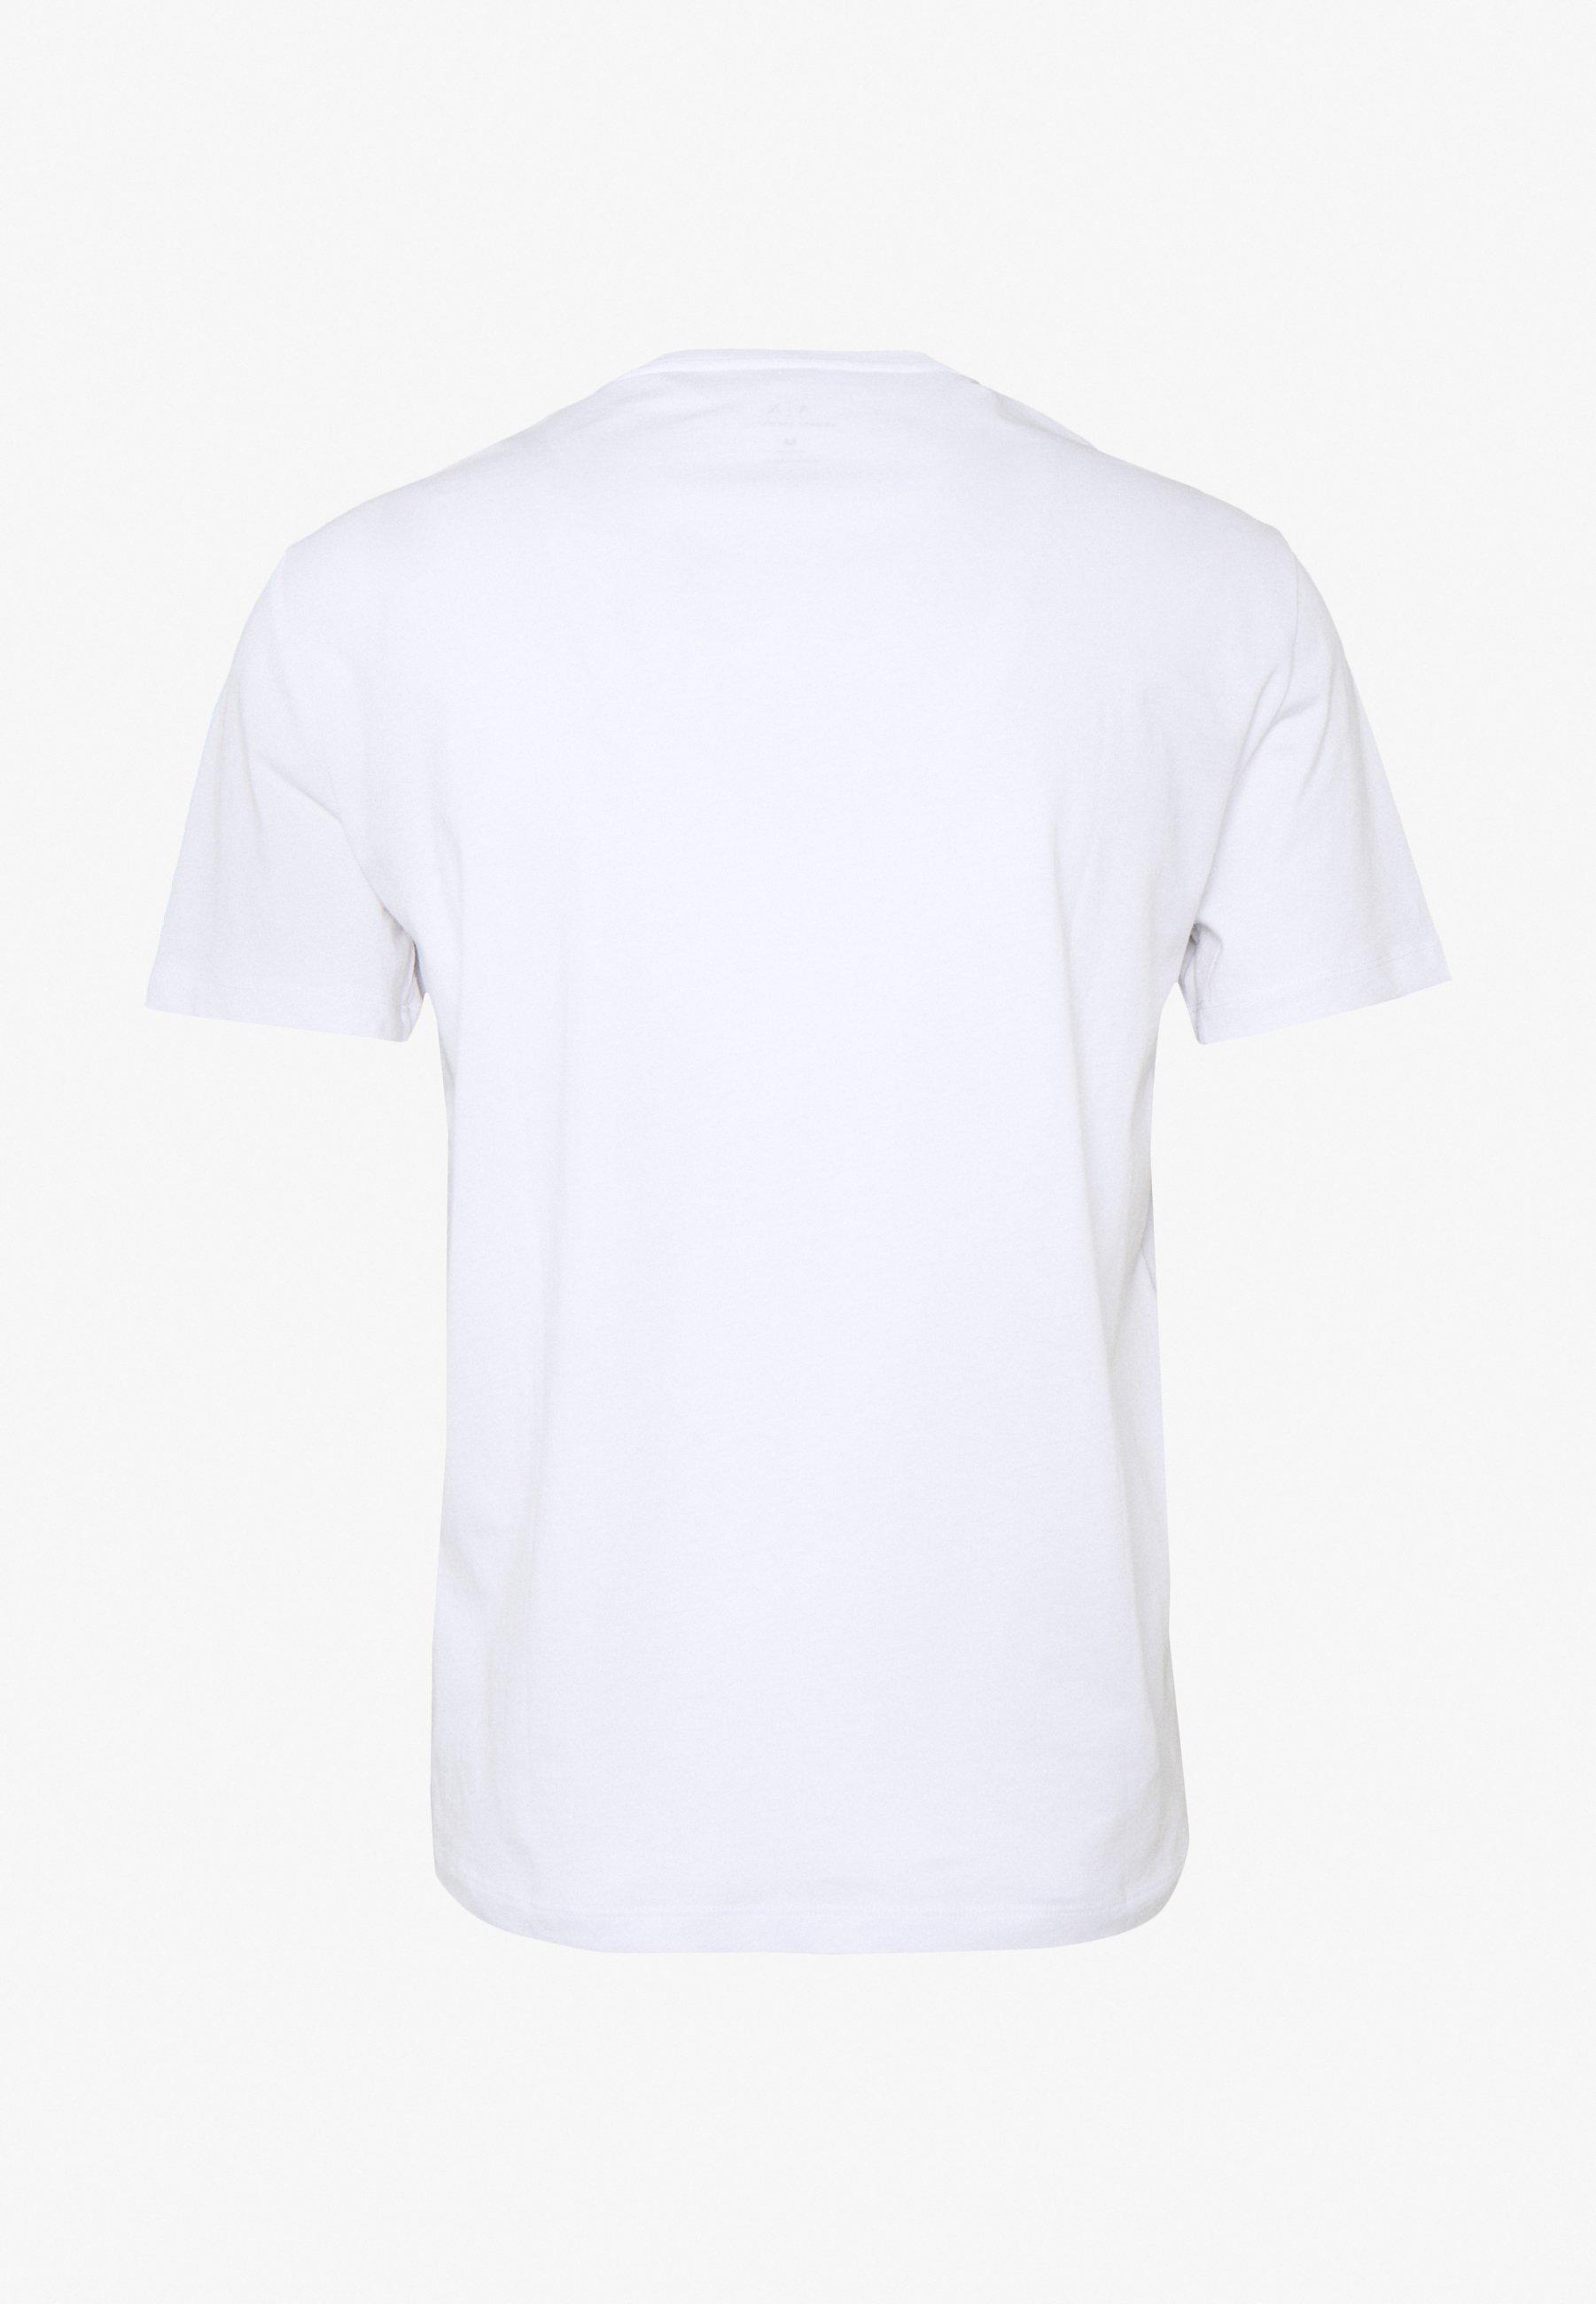 Armani Exchange T-shirt imprimé - white